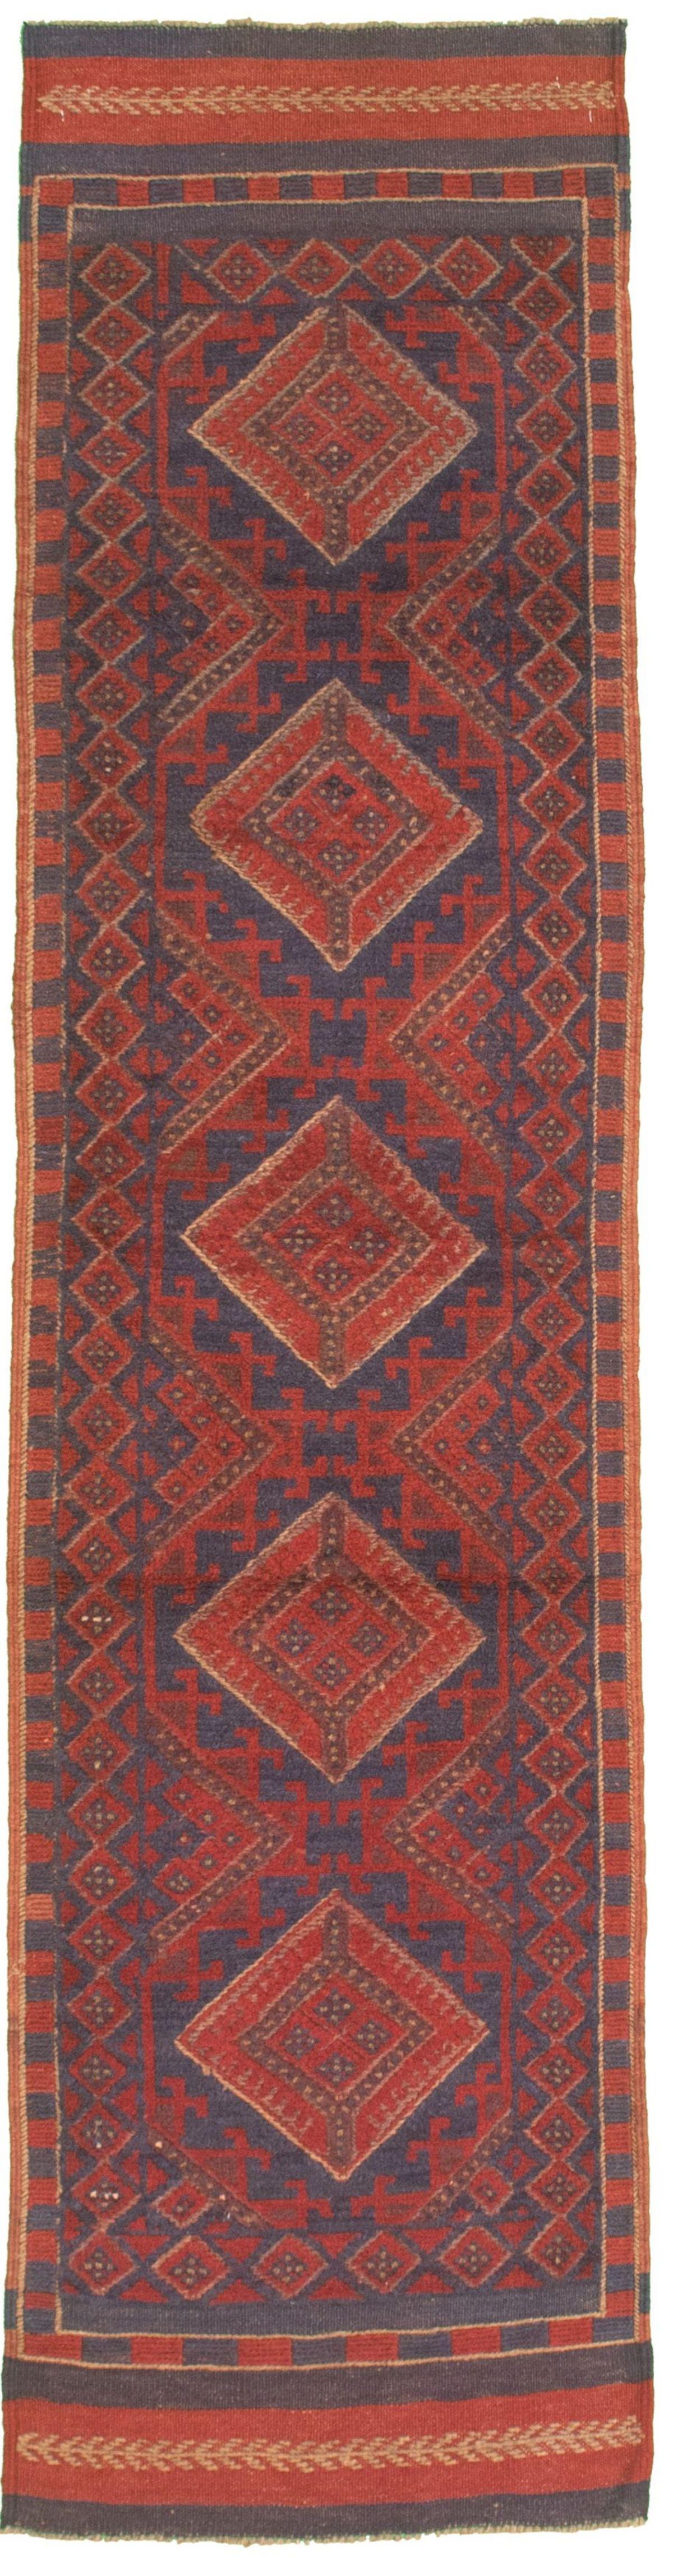 """Hand-knotted Tajik Caucasian Dark Blue Wool Rug 2'0"""" x 8'2"""" Size: 2'0"""" x 8'2"""""""